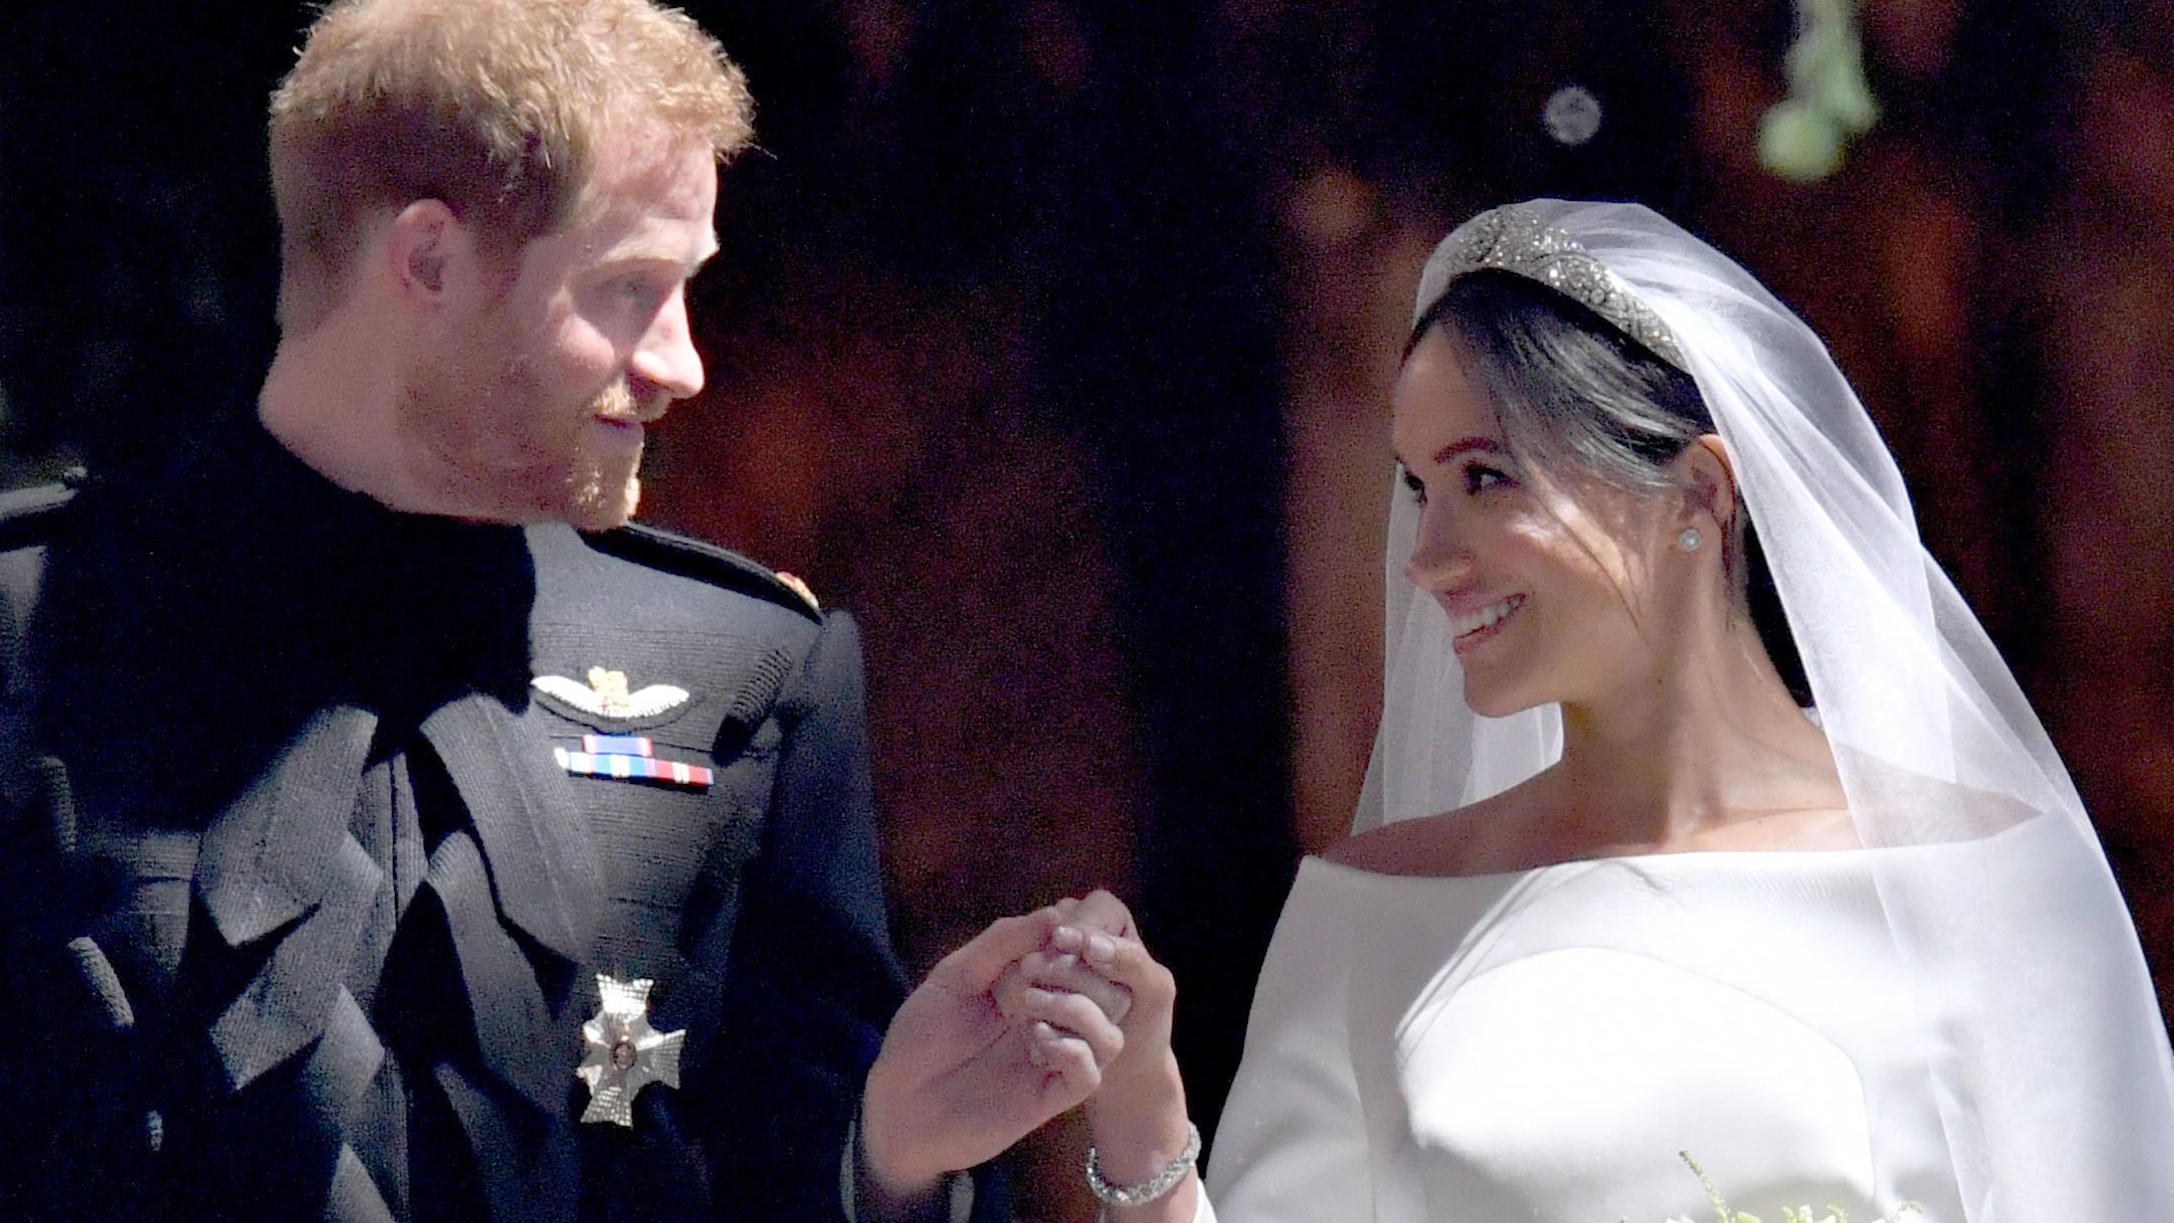 Hochzeit Von Prinz Harry Und Herzogin Meghan Gaste Bieten